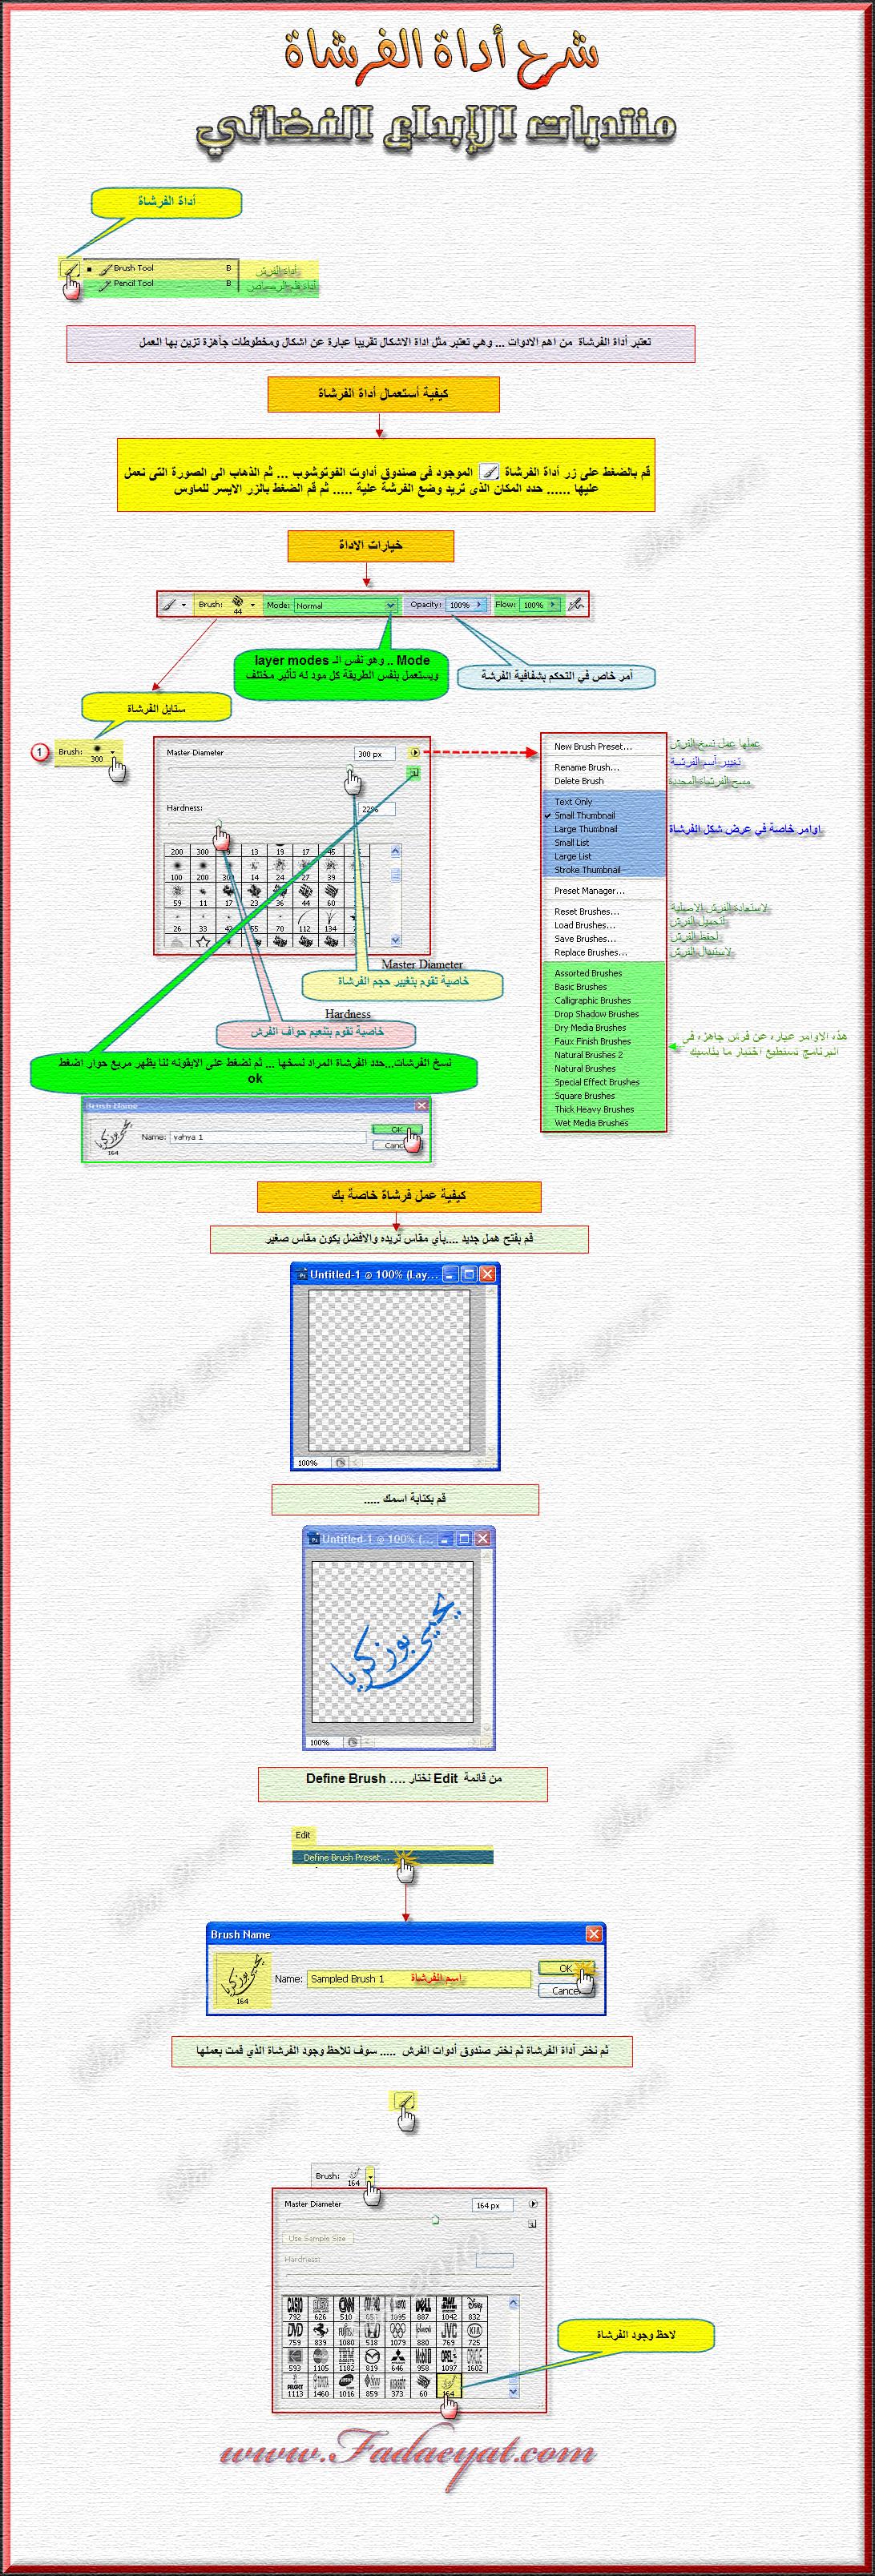 شرح أدوات الفوتوشوب - أداة الفرشاة